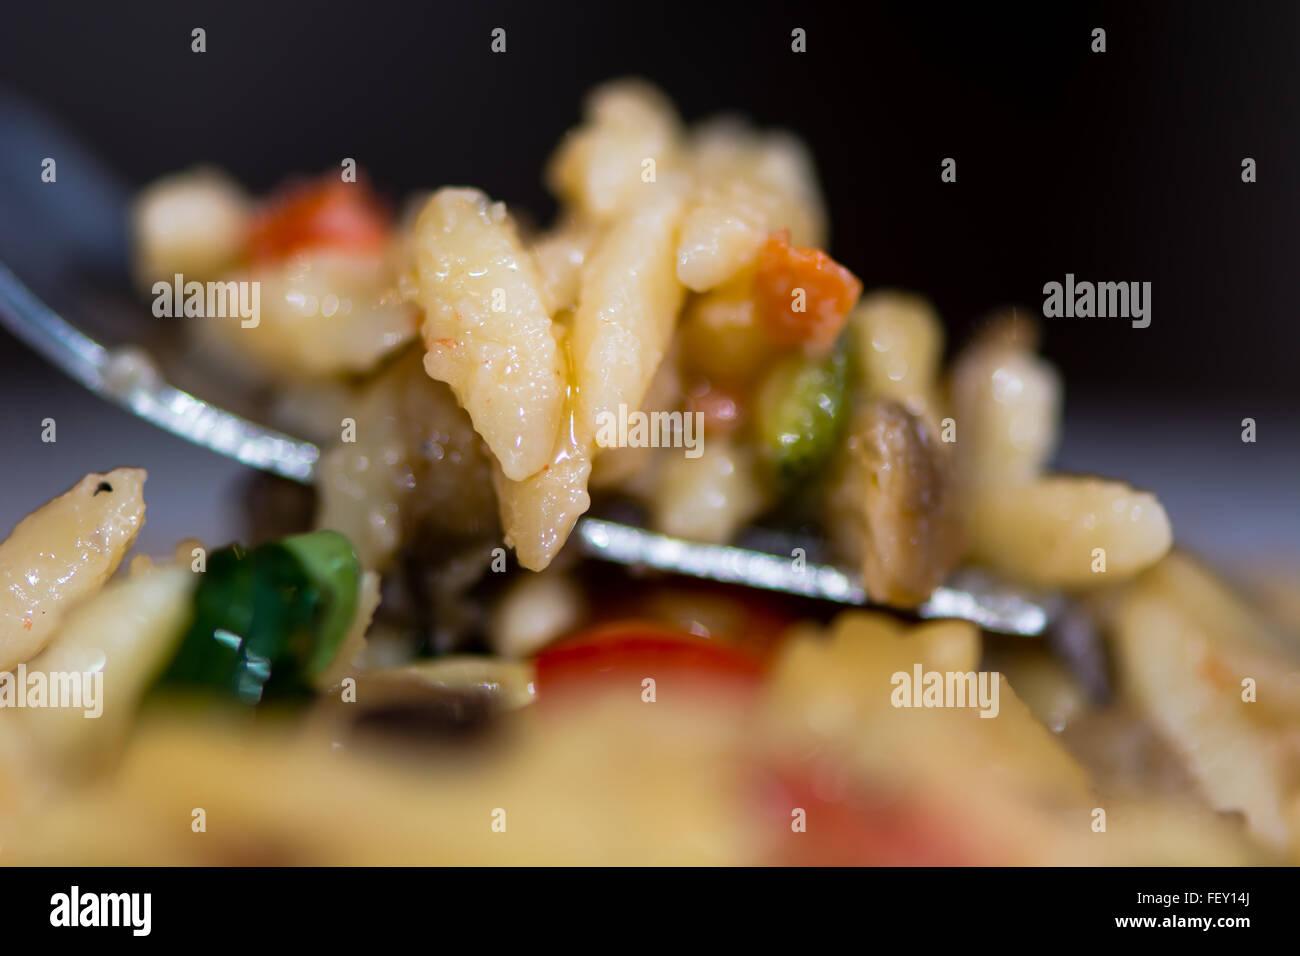 Risotto pasta provenzal. Riso Pasta con berenjena, calabacín, pimiento y queso parmesano salsa provenzal: Riso Imagen De Stock